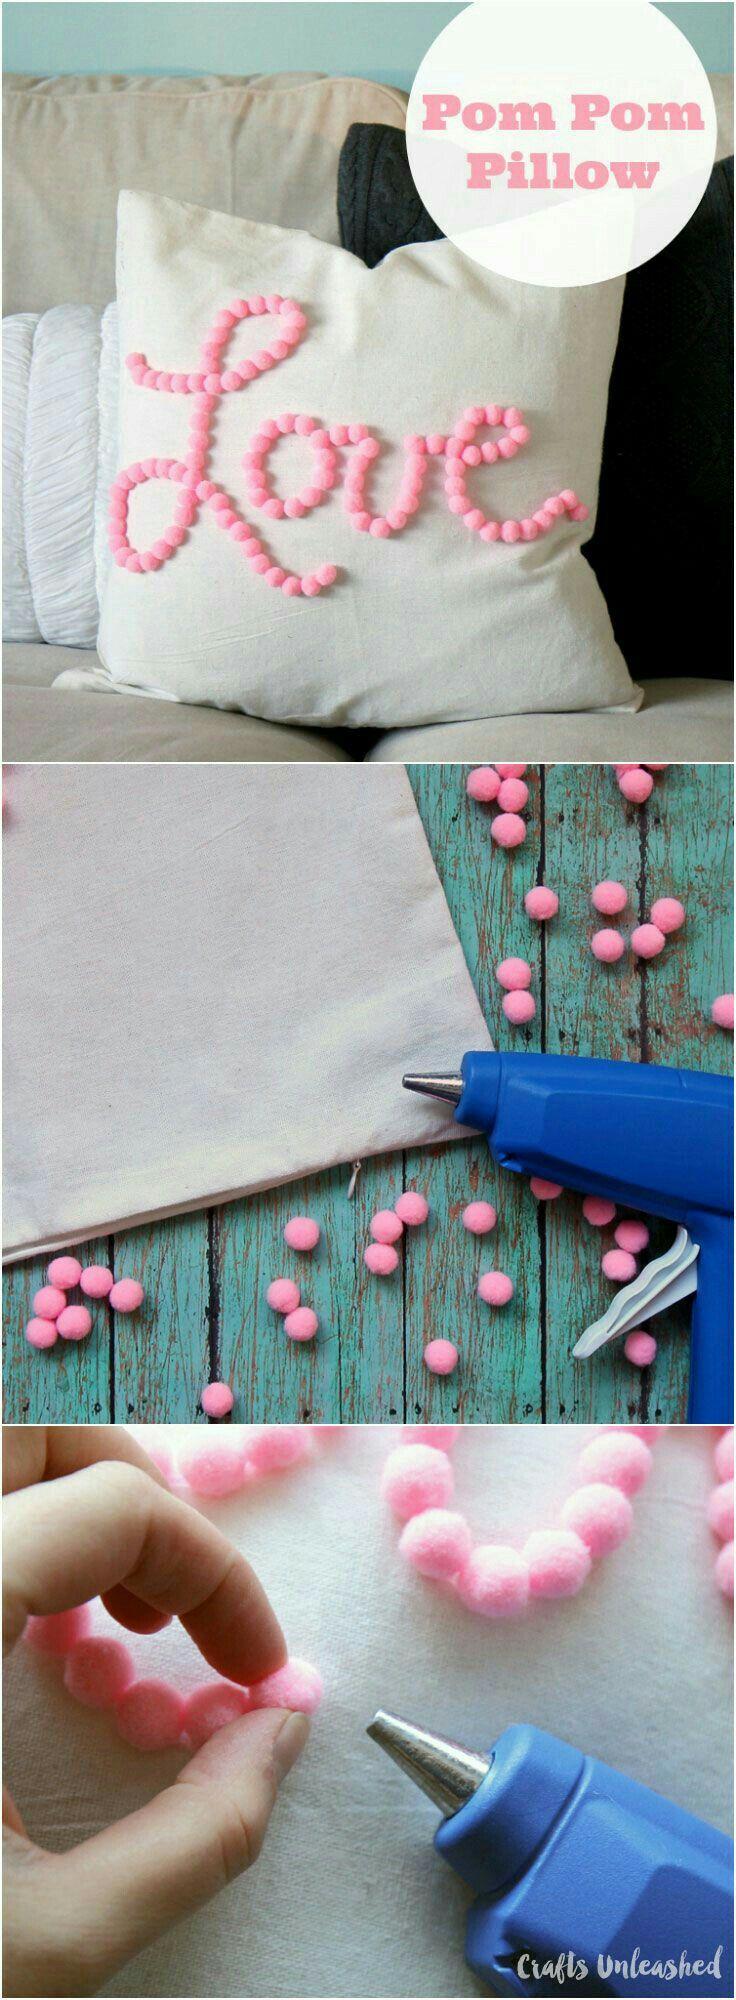 Ideia de presente para o Dia dos Namorados: almofada de pompons. #almofada #pillow #presente #diadosnamorados